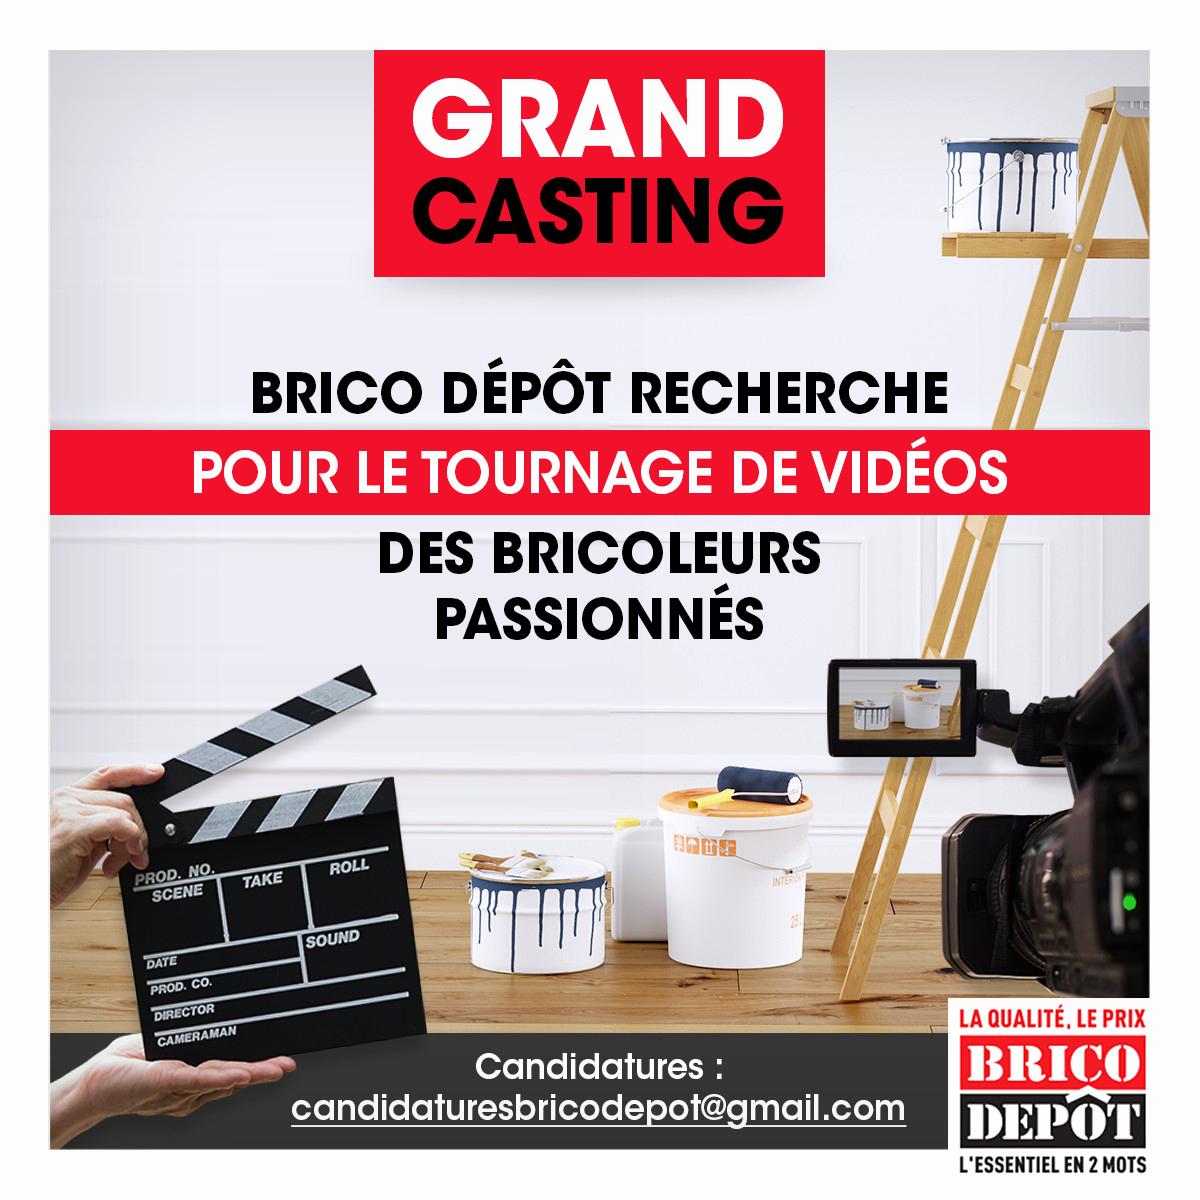 Sacoche Outils Brico Depot Meilleur De Stock Portes Coulissantes Brico Dépot Meilleur De Boite A Outils Brico